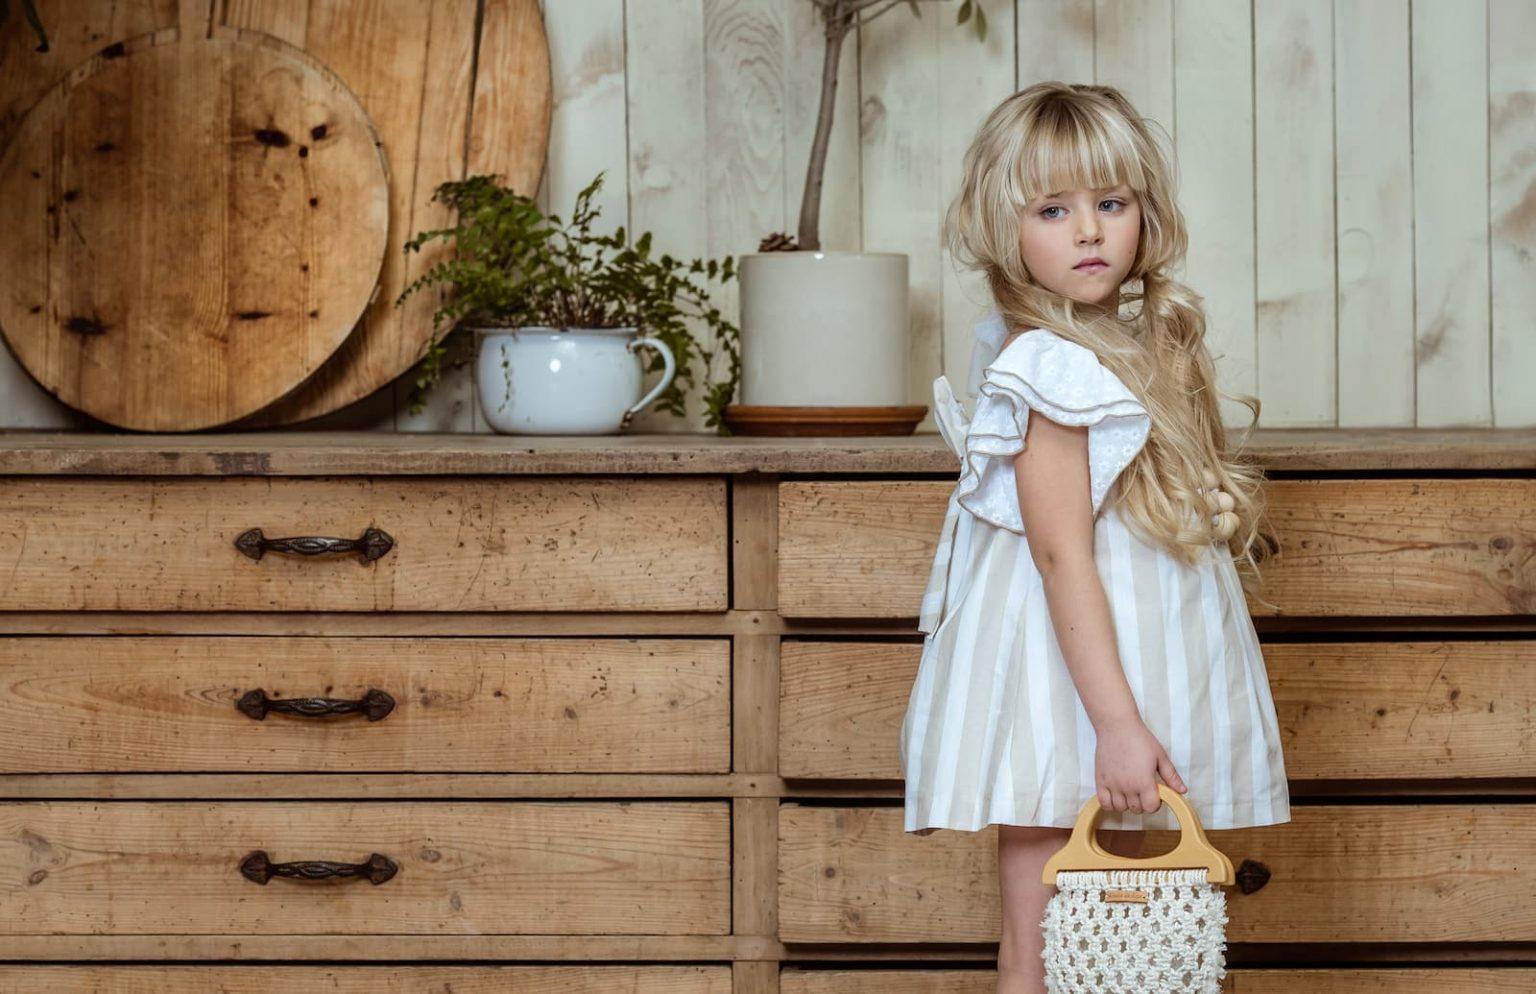 ¿Buscando almacenes de ropa infantil al por mayor?